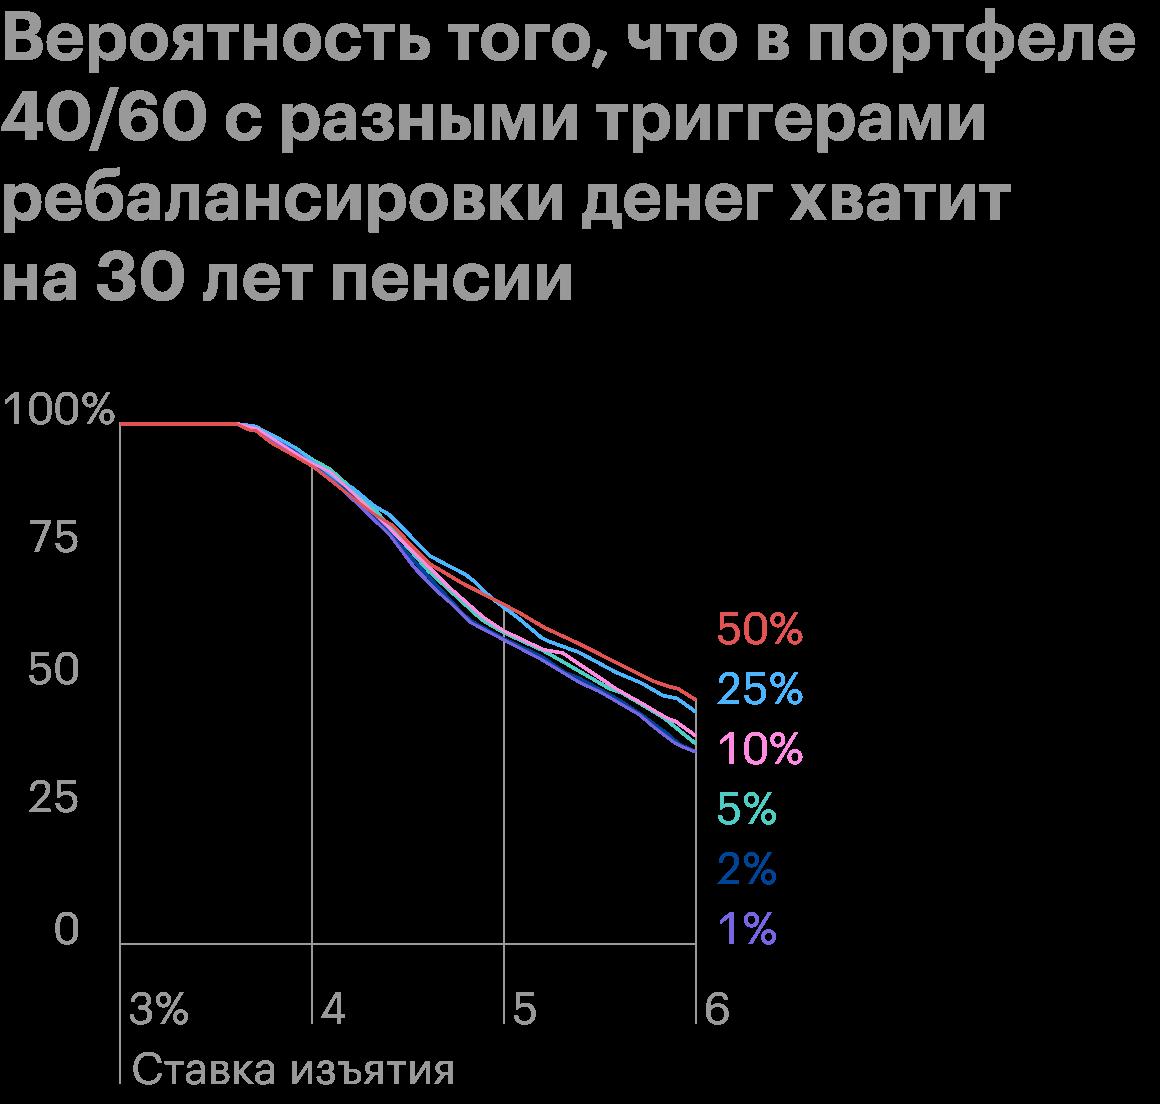 Приставке свыше5% следует отказаться от ребалансировки, приболее низких ставках ребалансировать по триггеру 25%. Источник: ThePoor Swiss